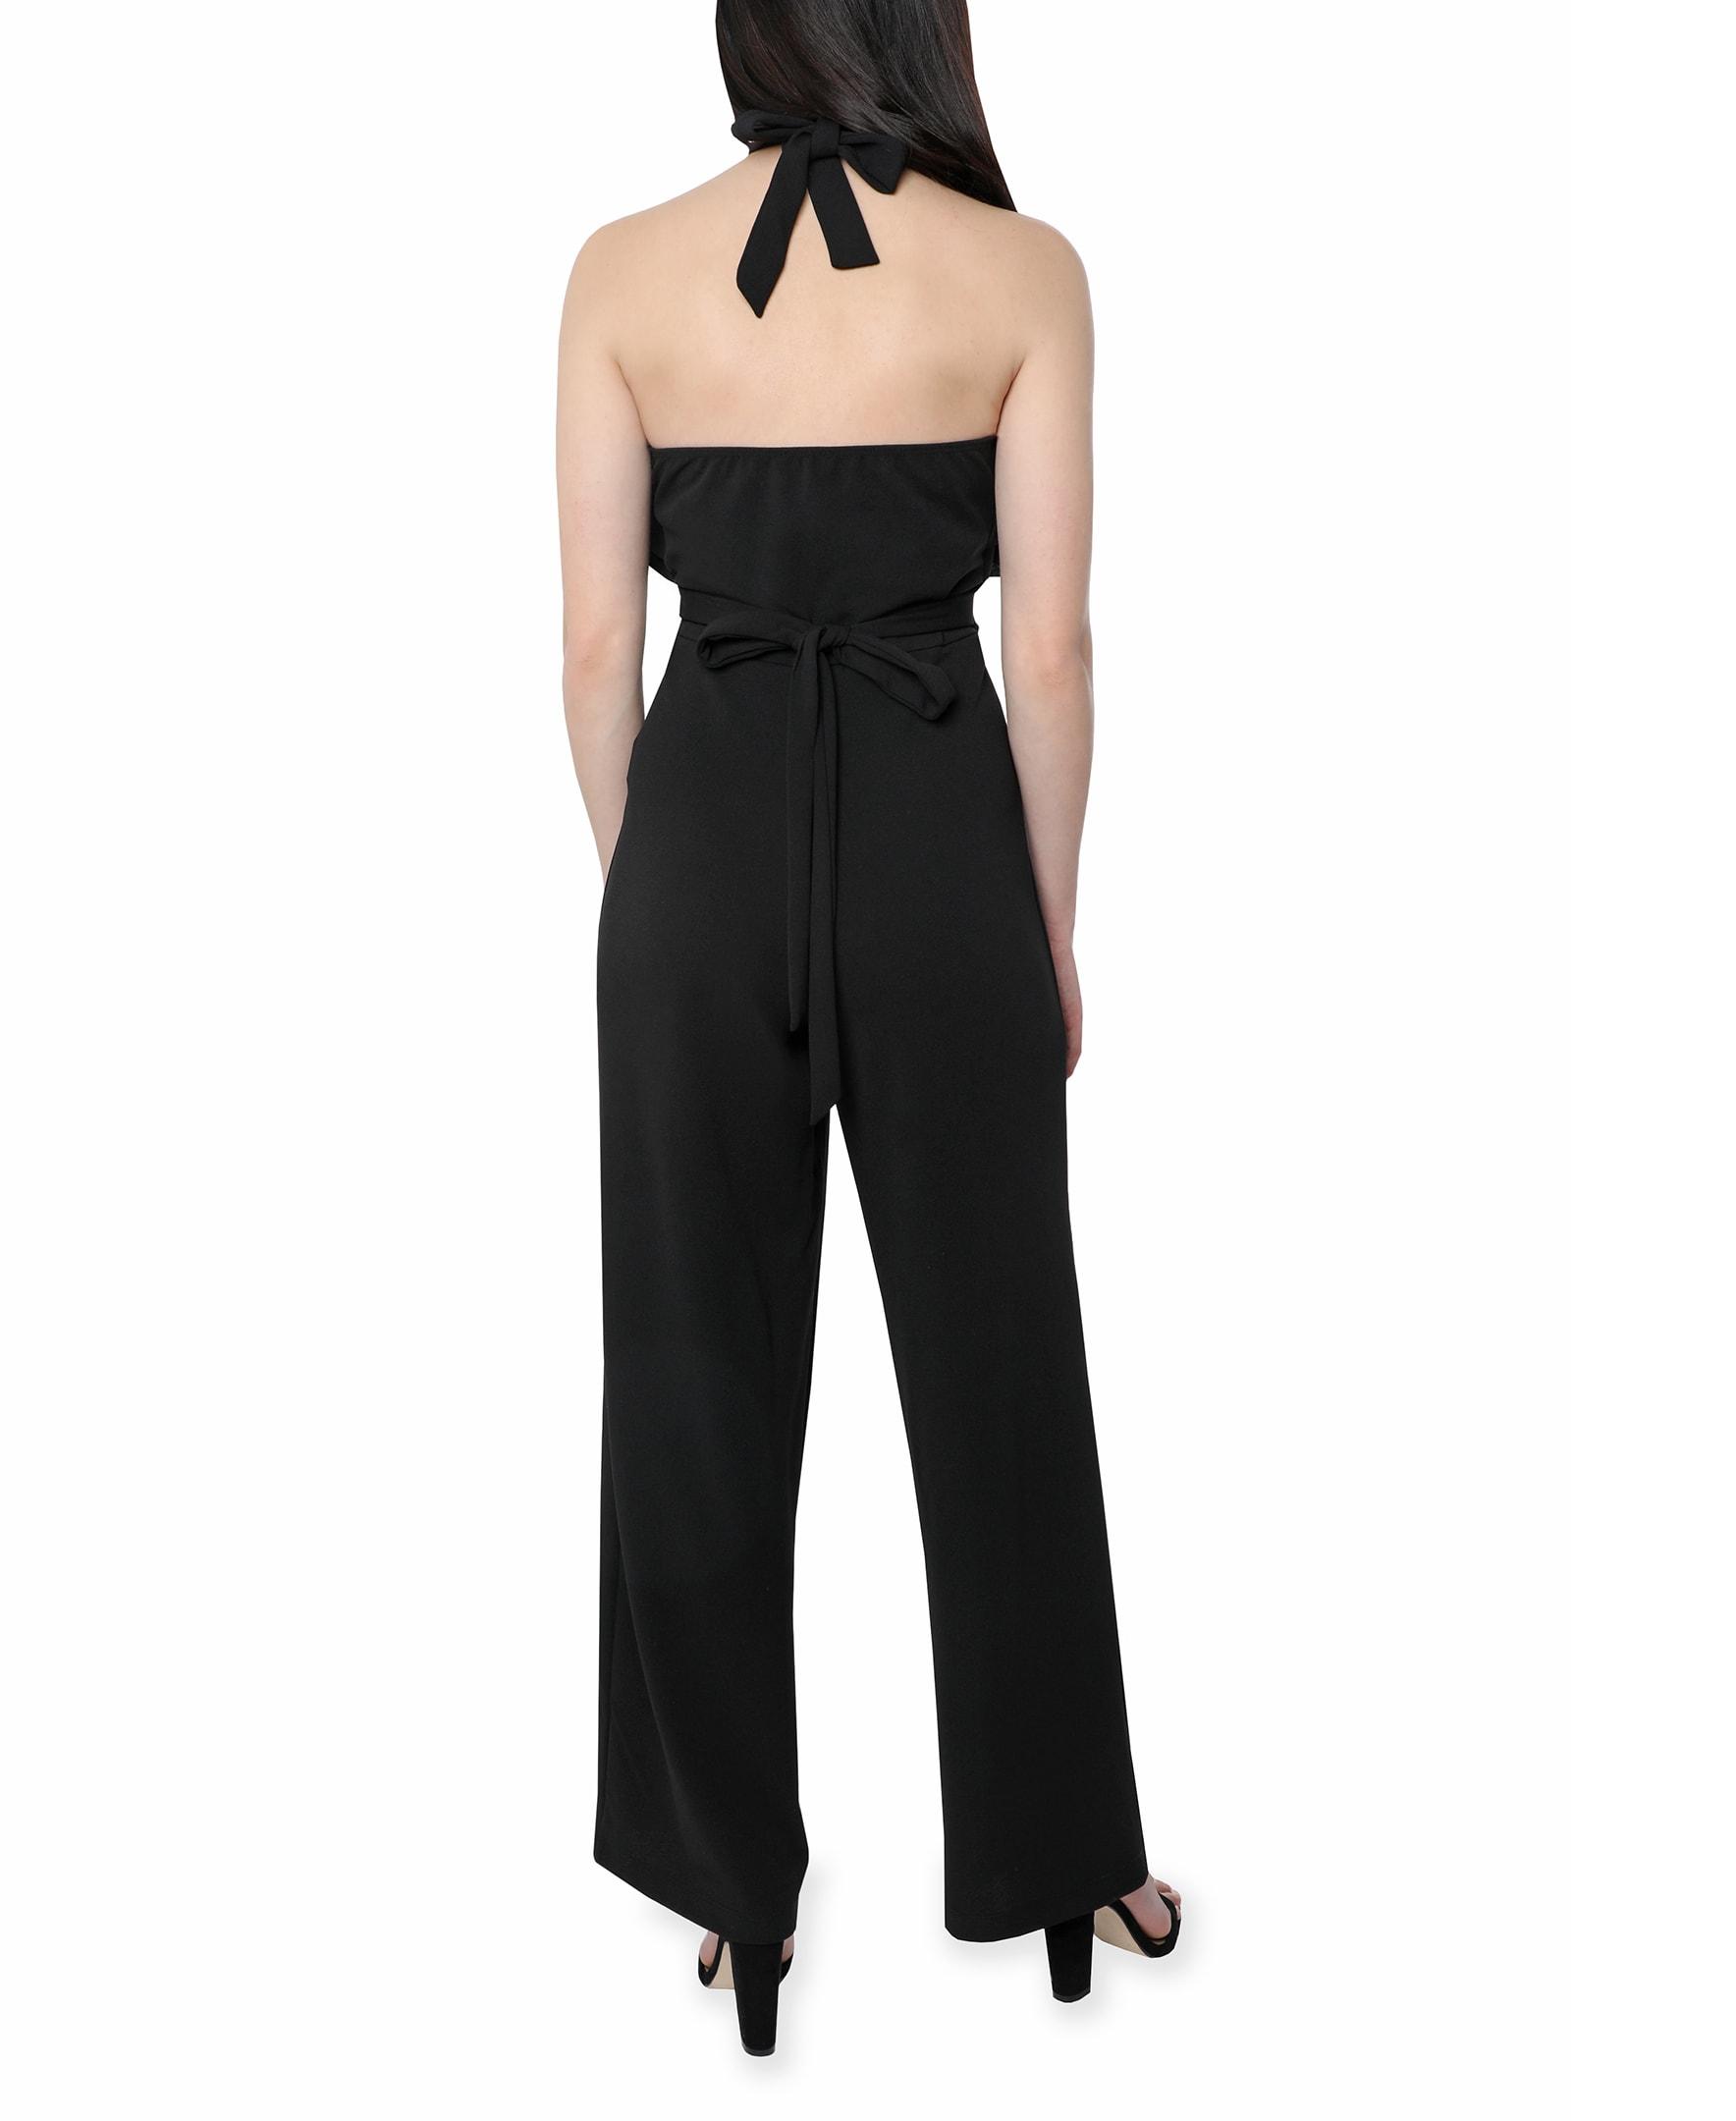 Bebe Halter Jumpsuit - black - Back